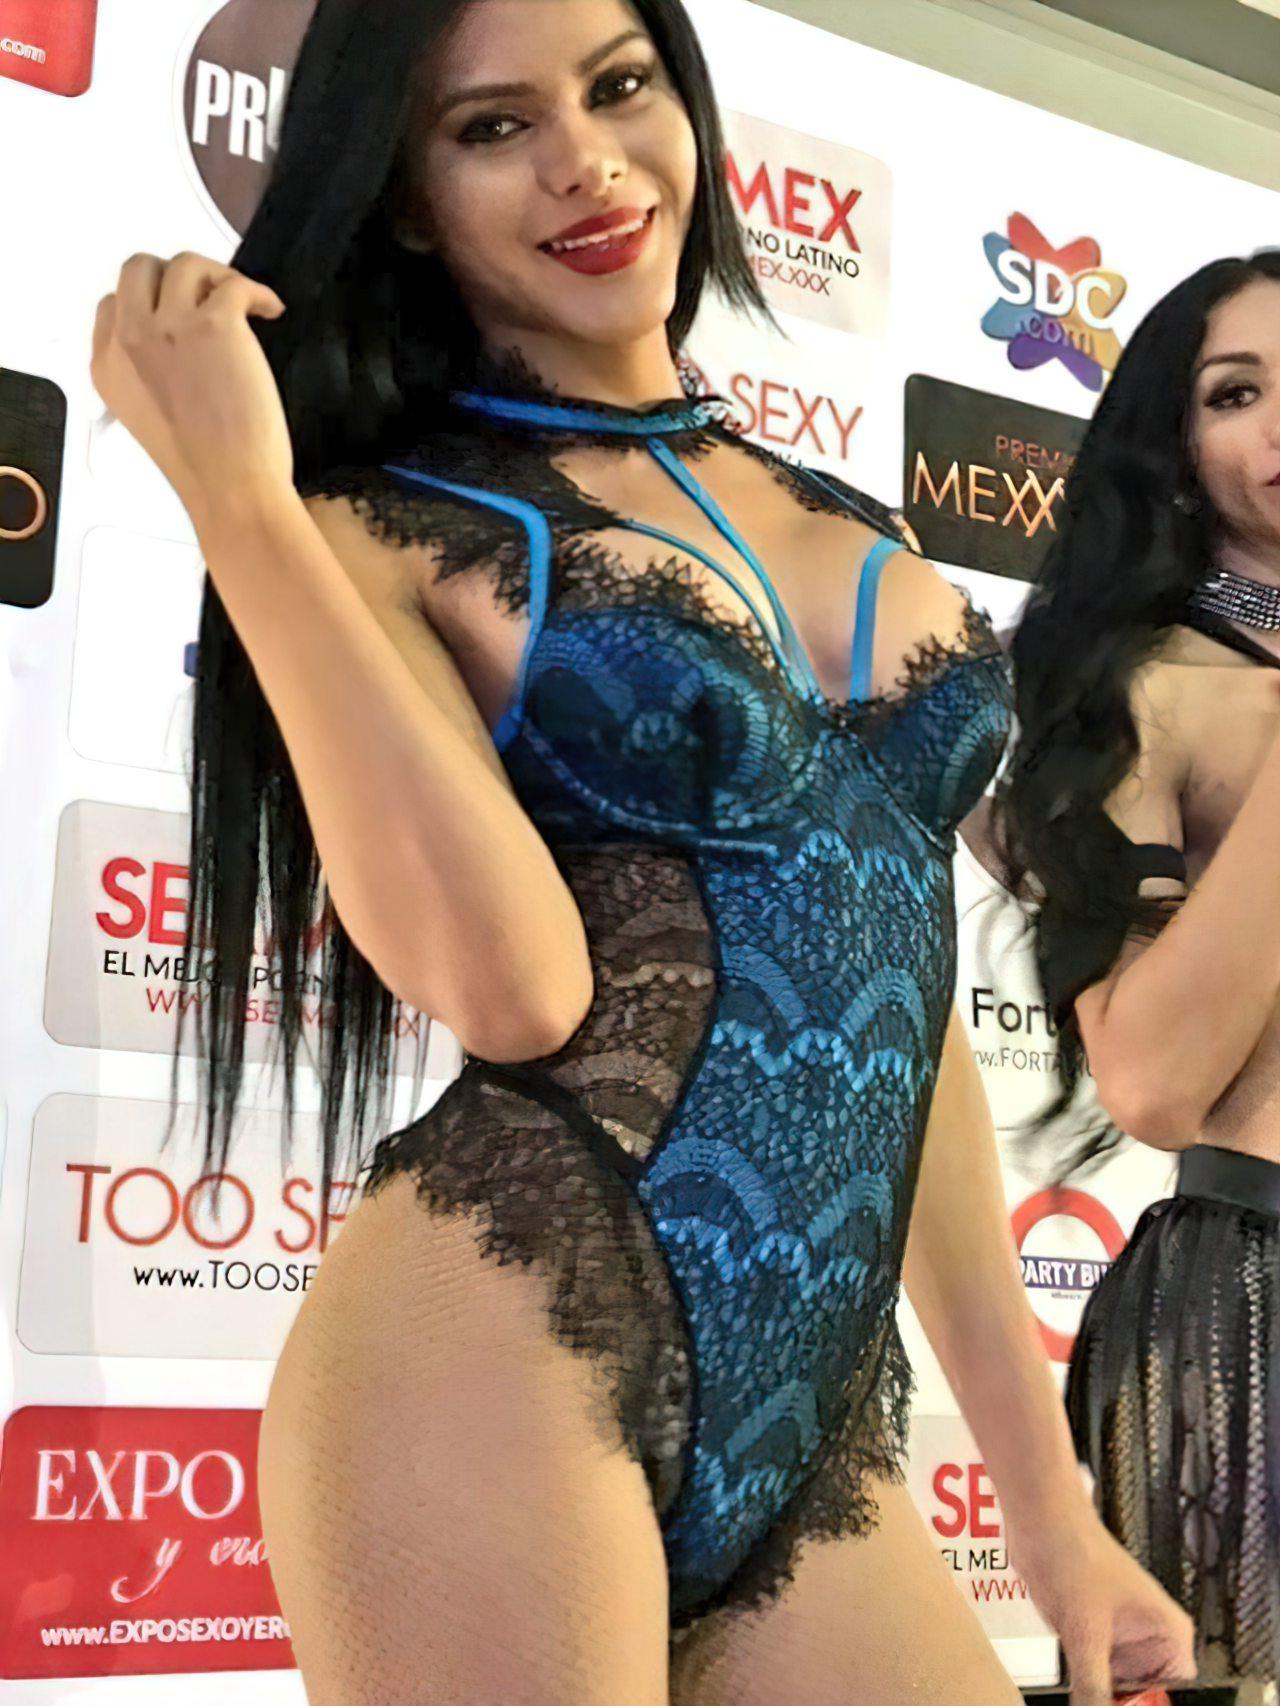 Fotos de Transex Latina (9)